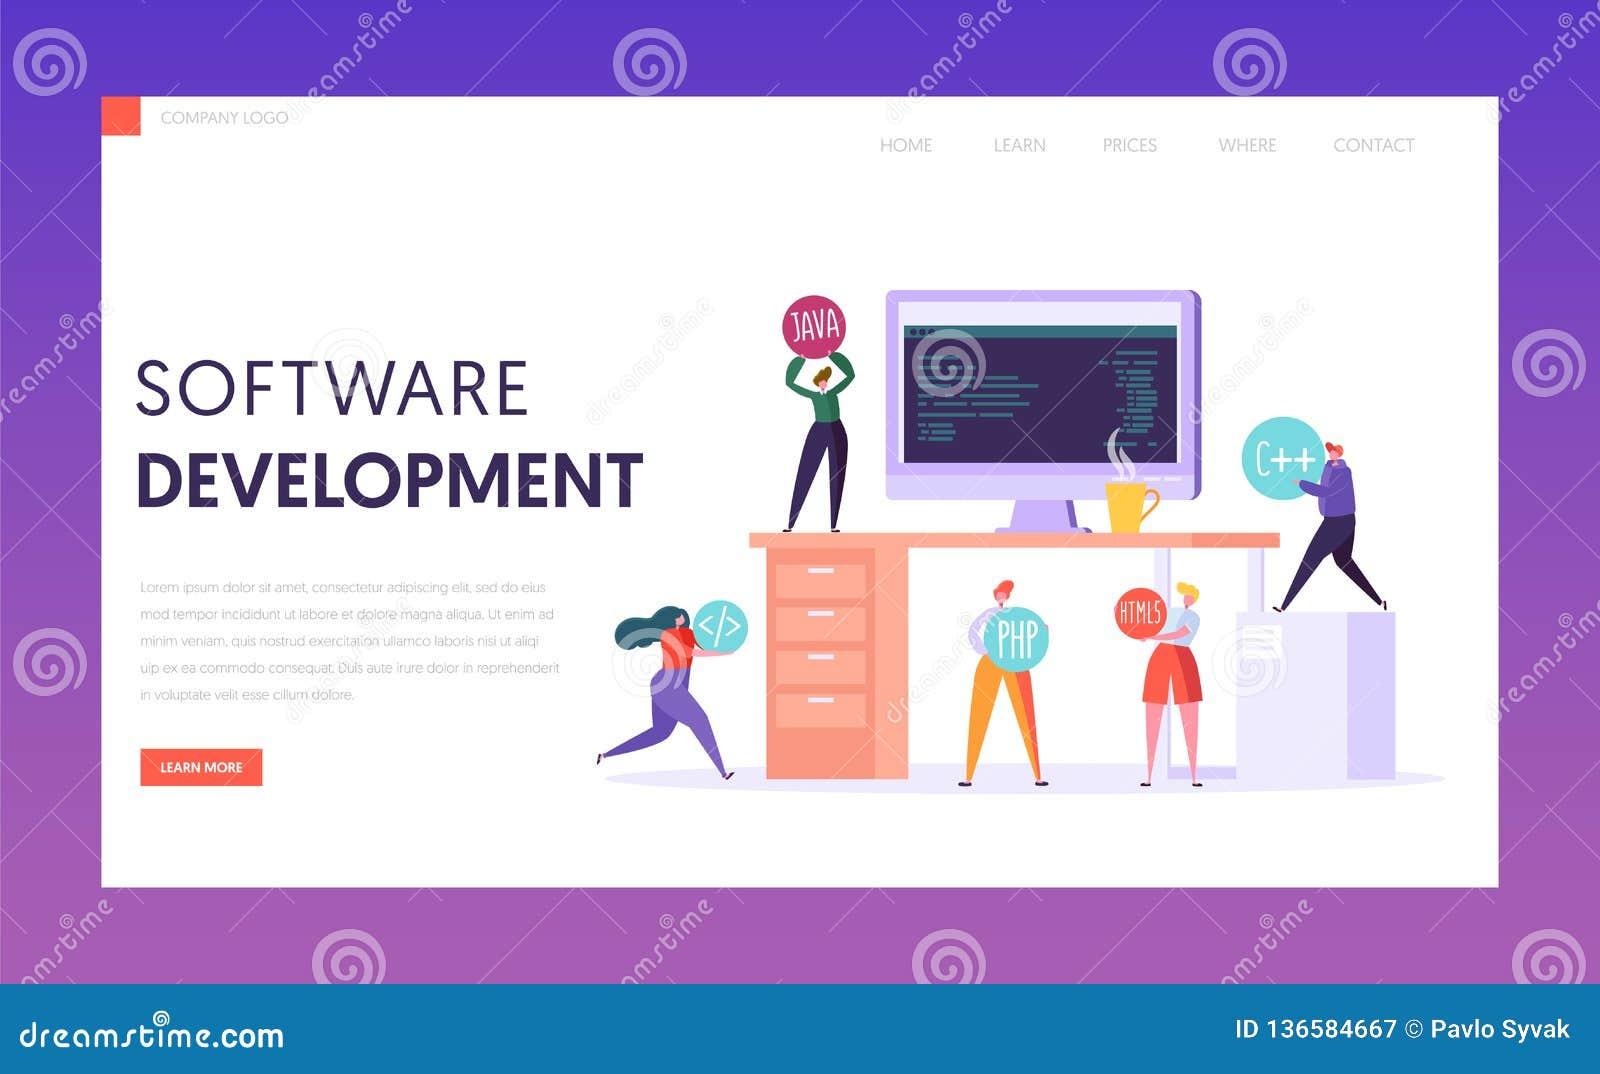 Softwareentwicklungs-Technologie-Teamwork-Landungs-Seite Monitor auf Schreibtisch Berufs-freiberuflich tätiges Team Webdesign